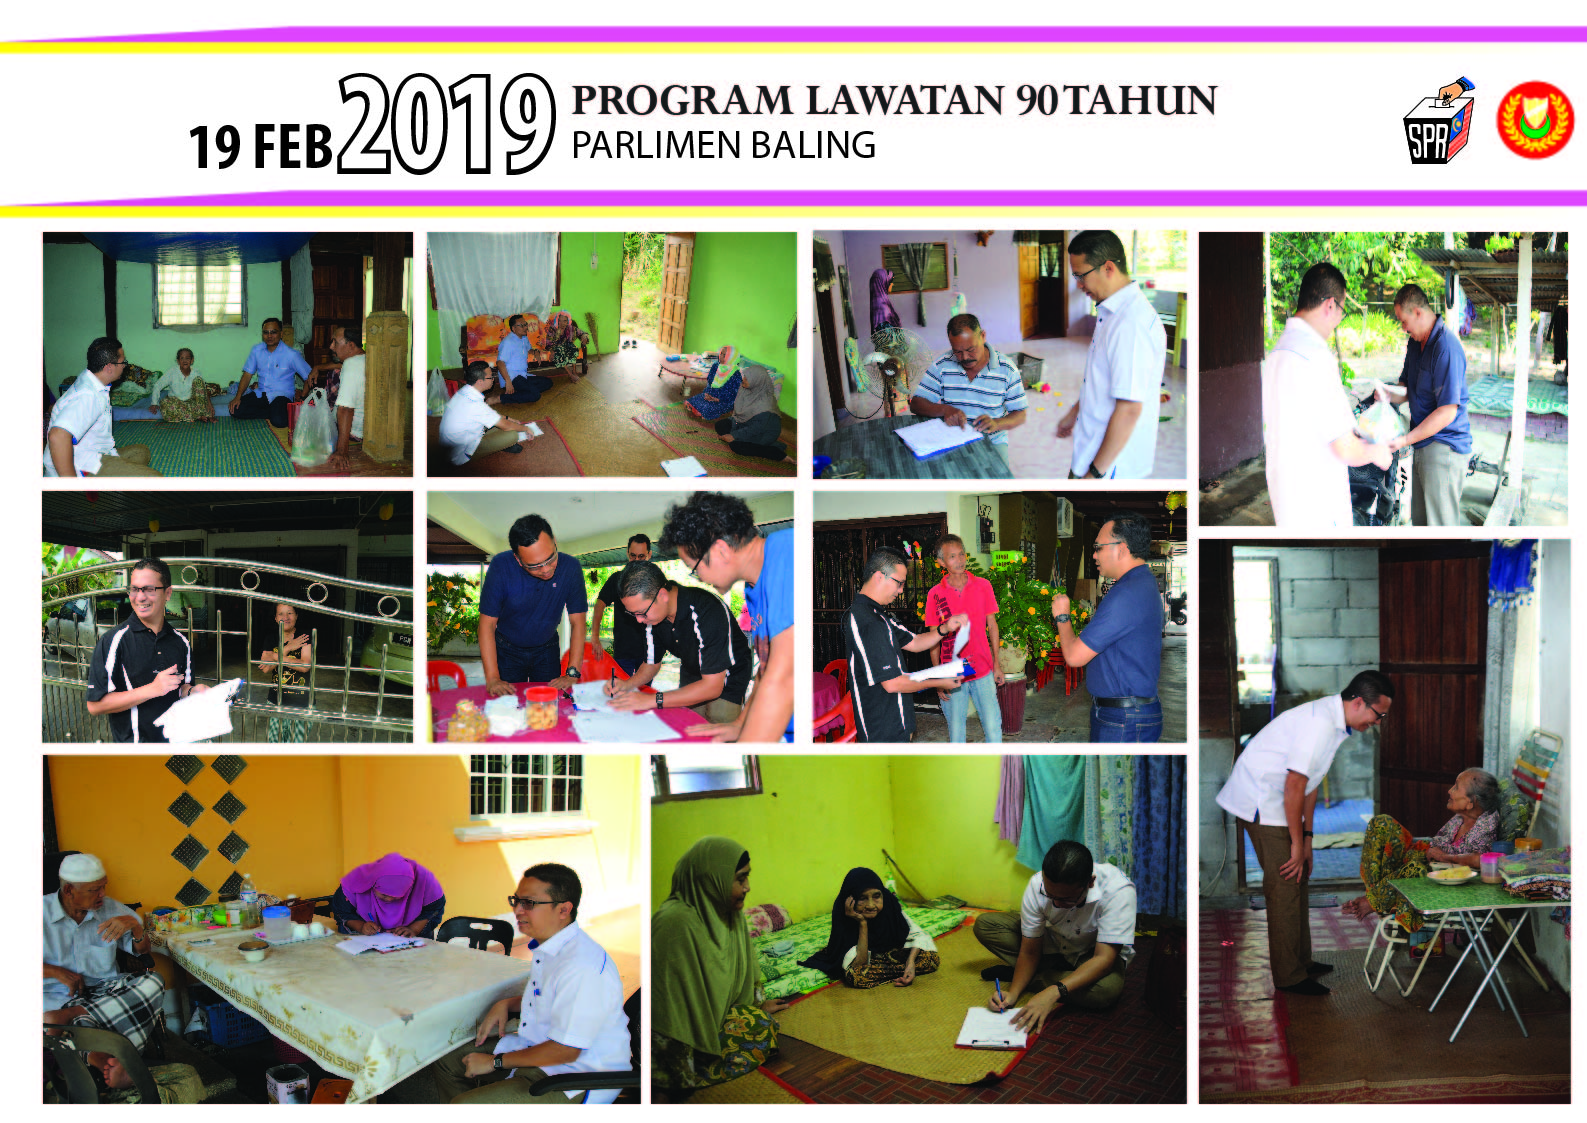 PROGRAM LAWATAN 90 BALING-01